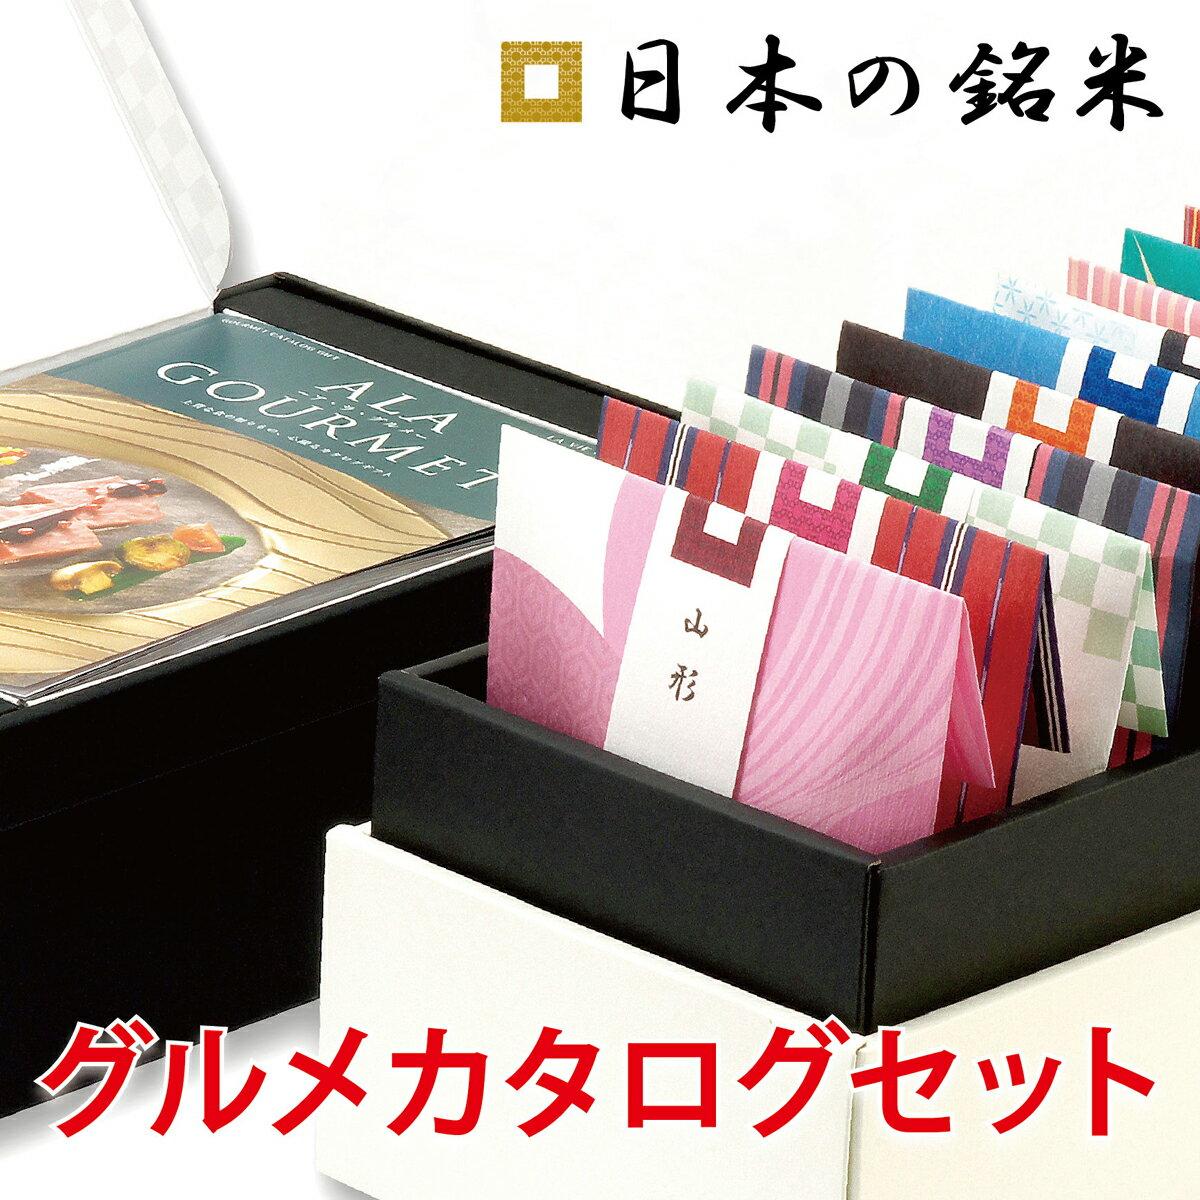 カタログギフト と 日本の銘米 のセット (ピンク レディー) 出産内祝い 内祝い 香典返し 結婚内祝い 引出物 快気祝い 引き出物 粗供養 他の ギフトに 送料無料